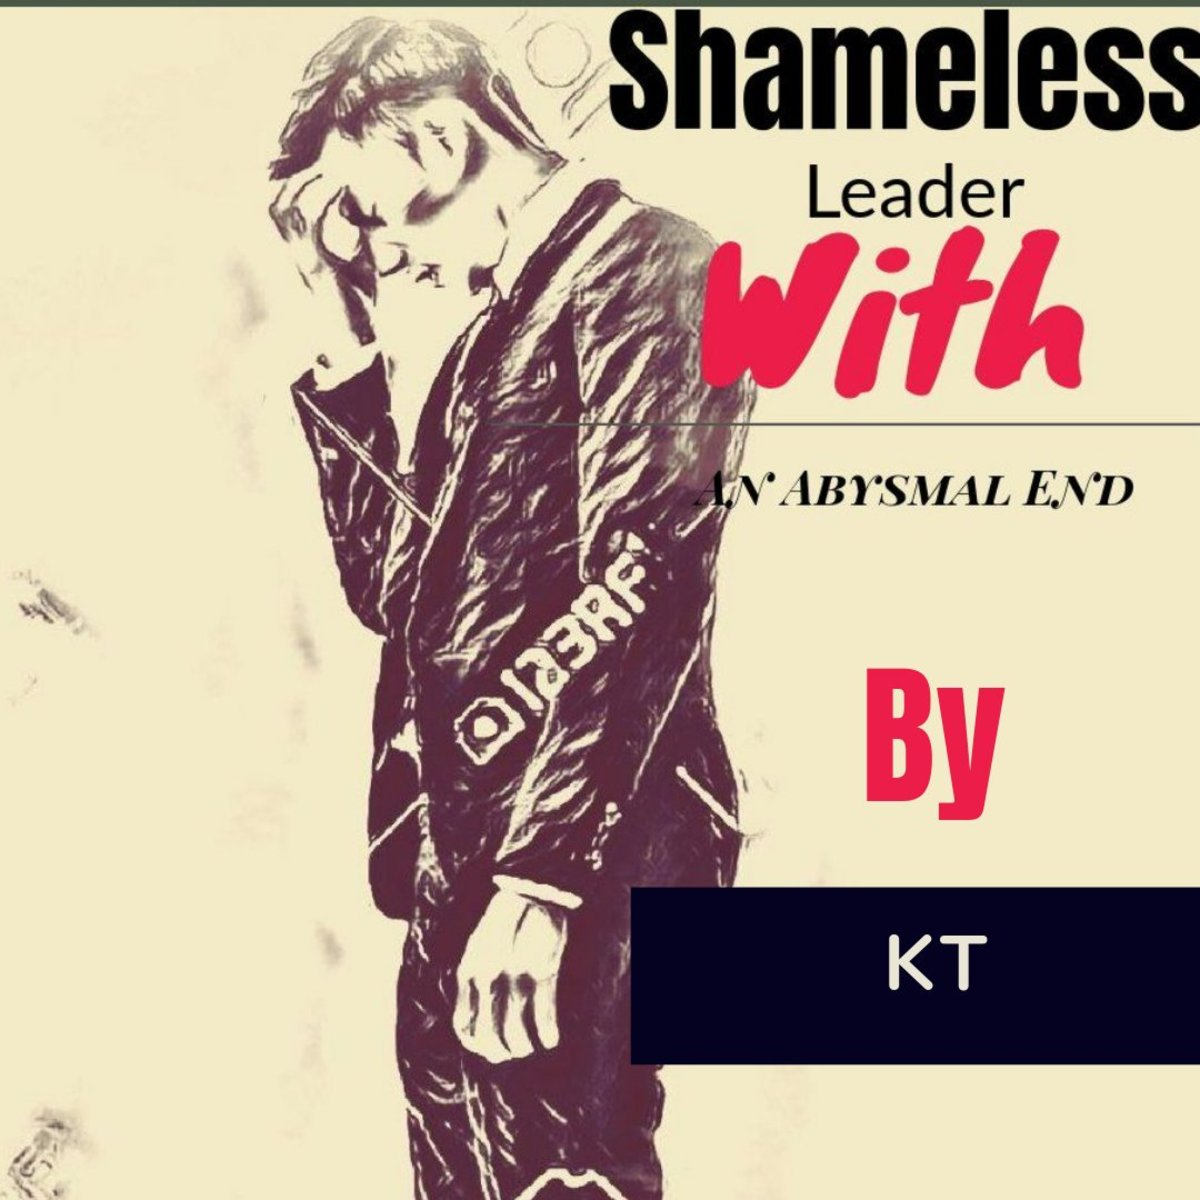 shameless-leader